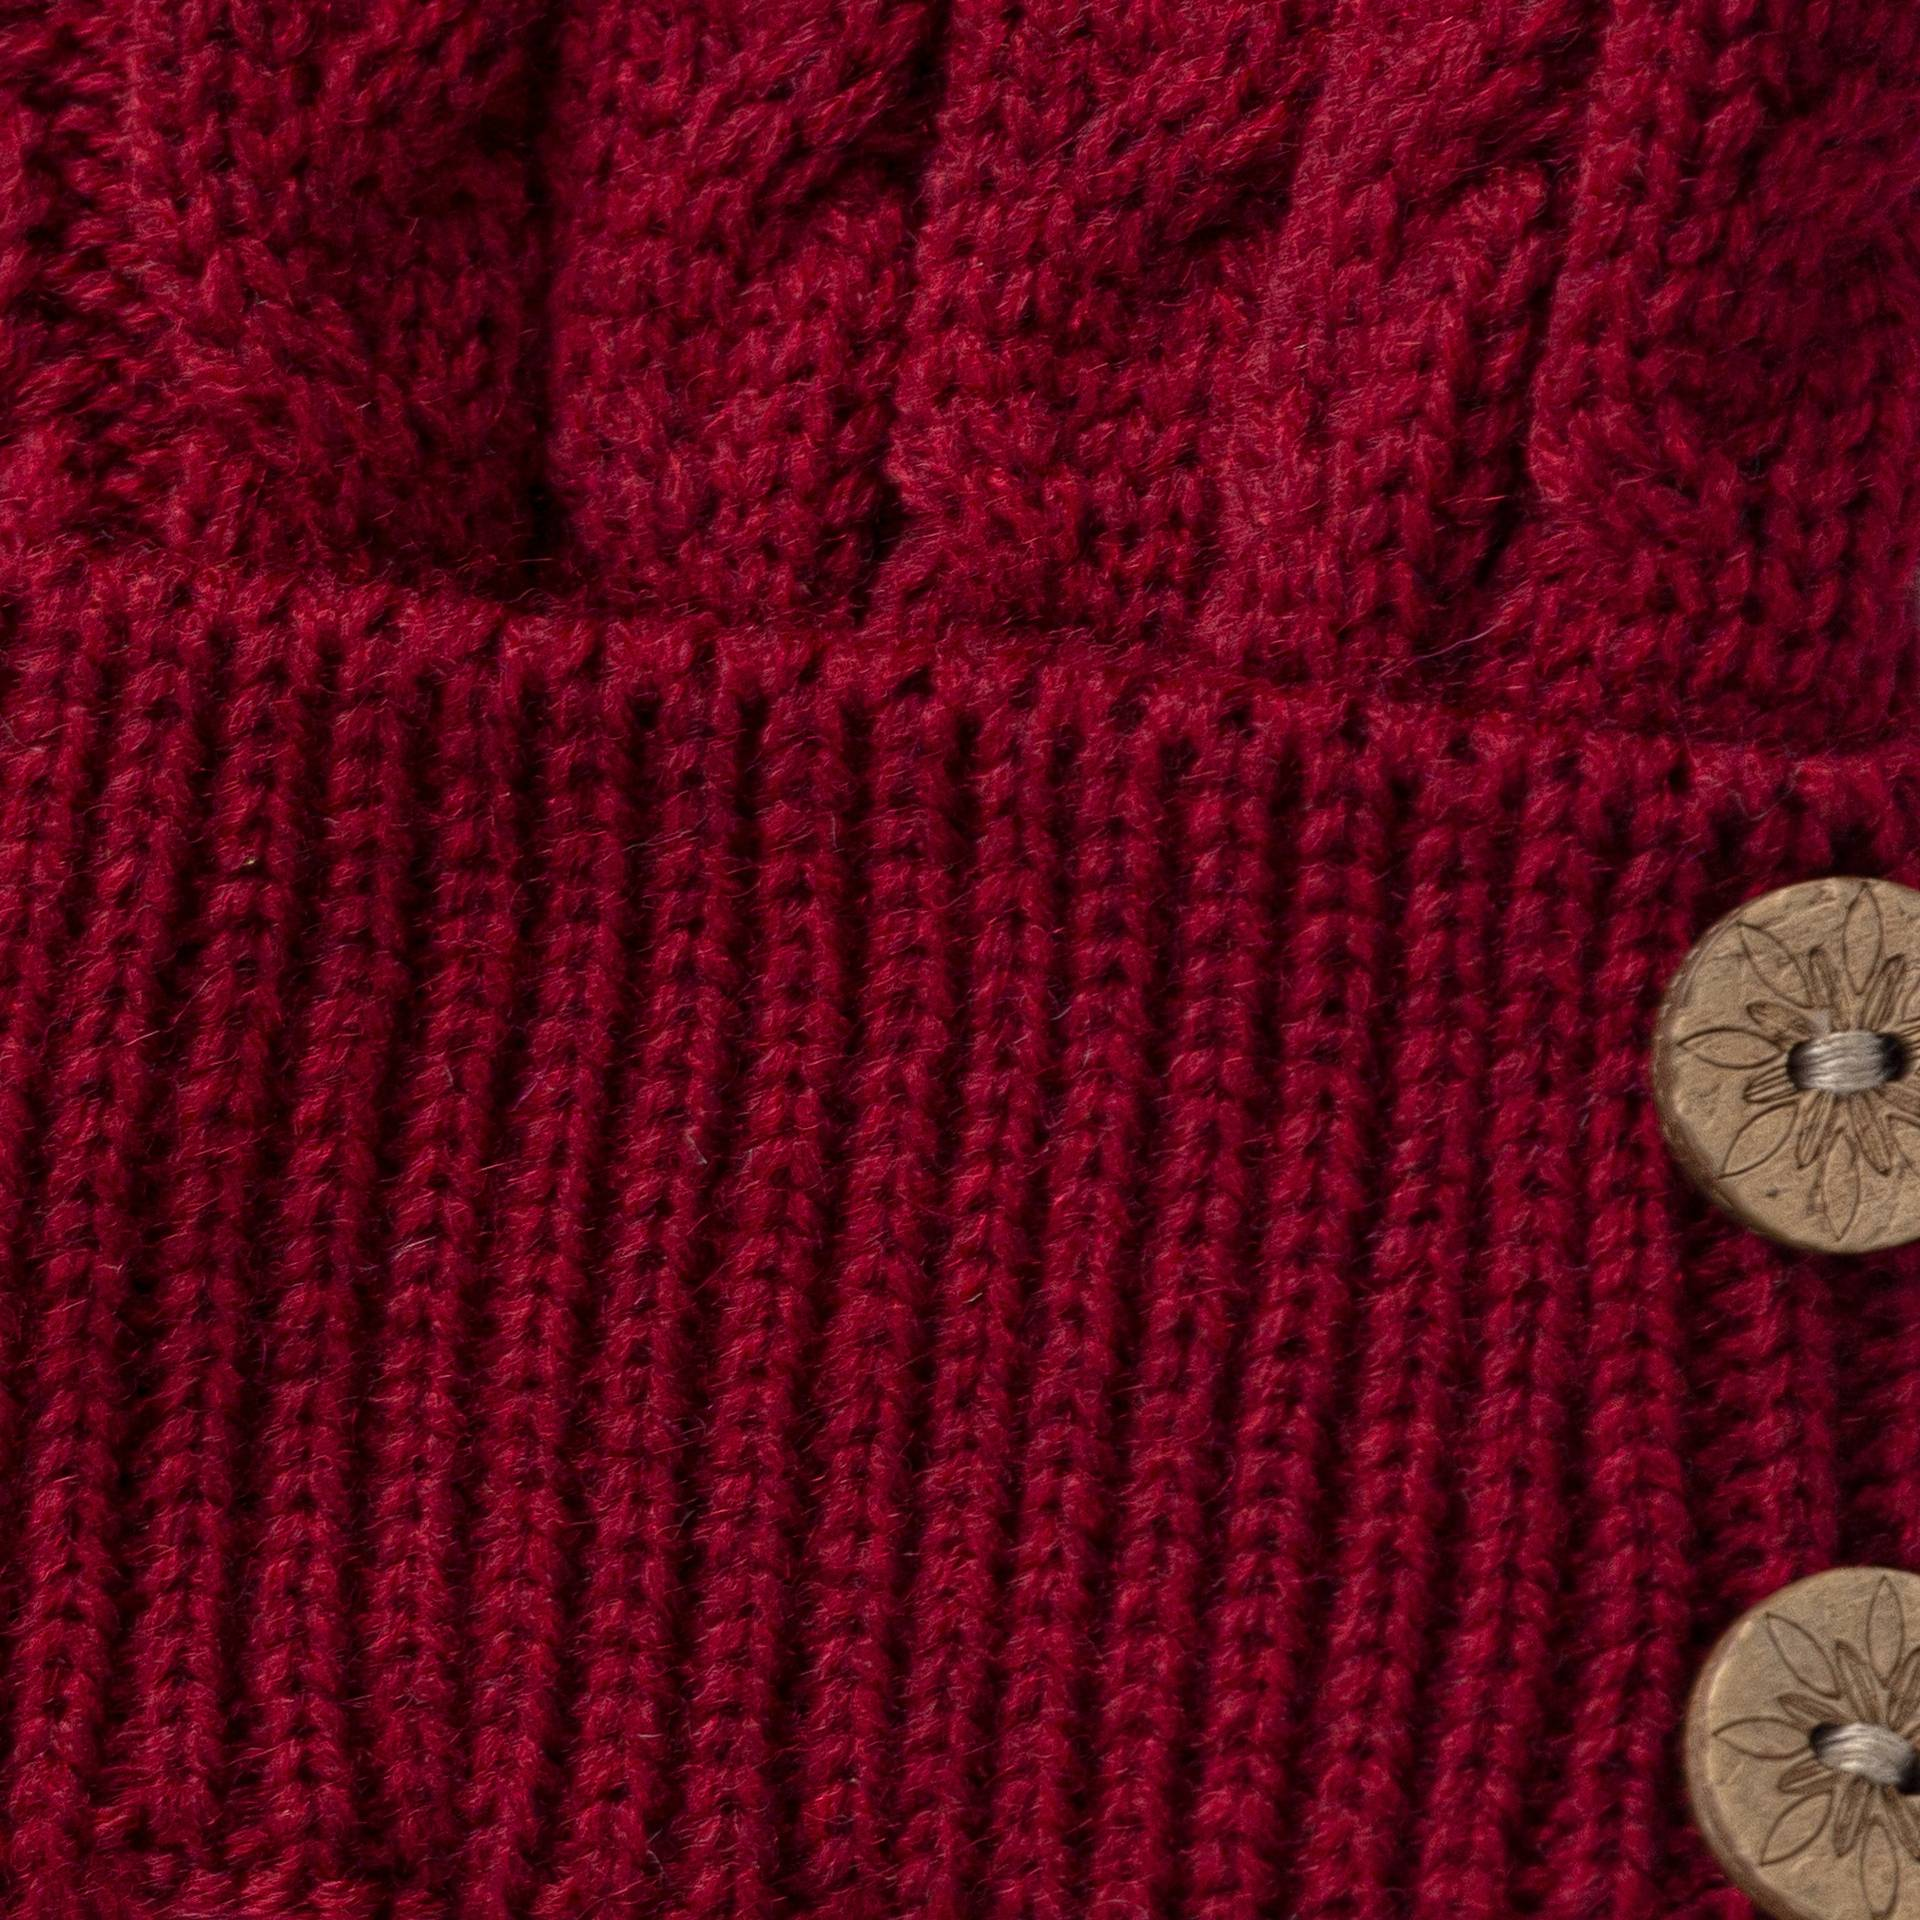 608005, Штаны вязаные для девочек из мериносовой шерсти от магазина Lemive